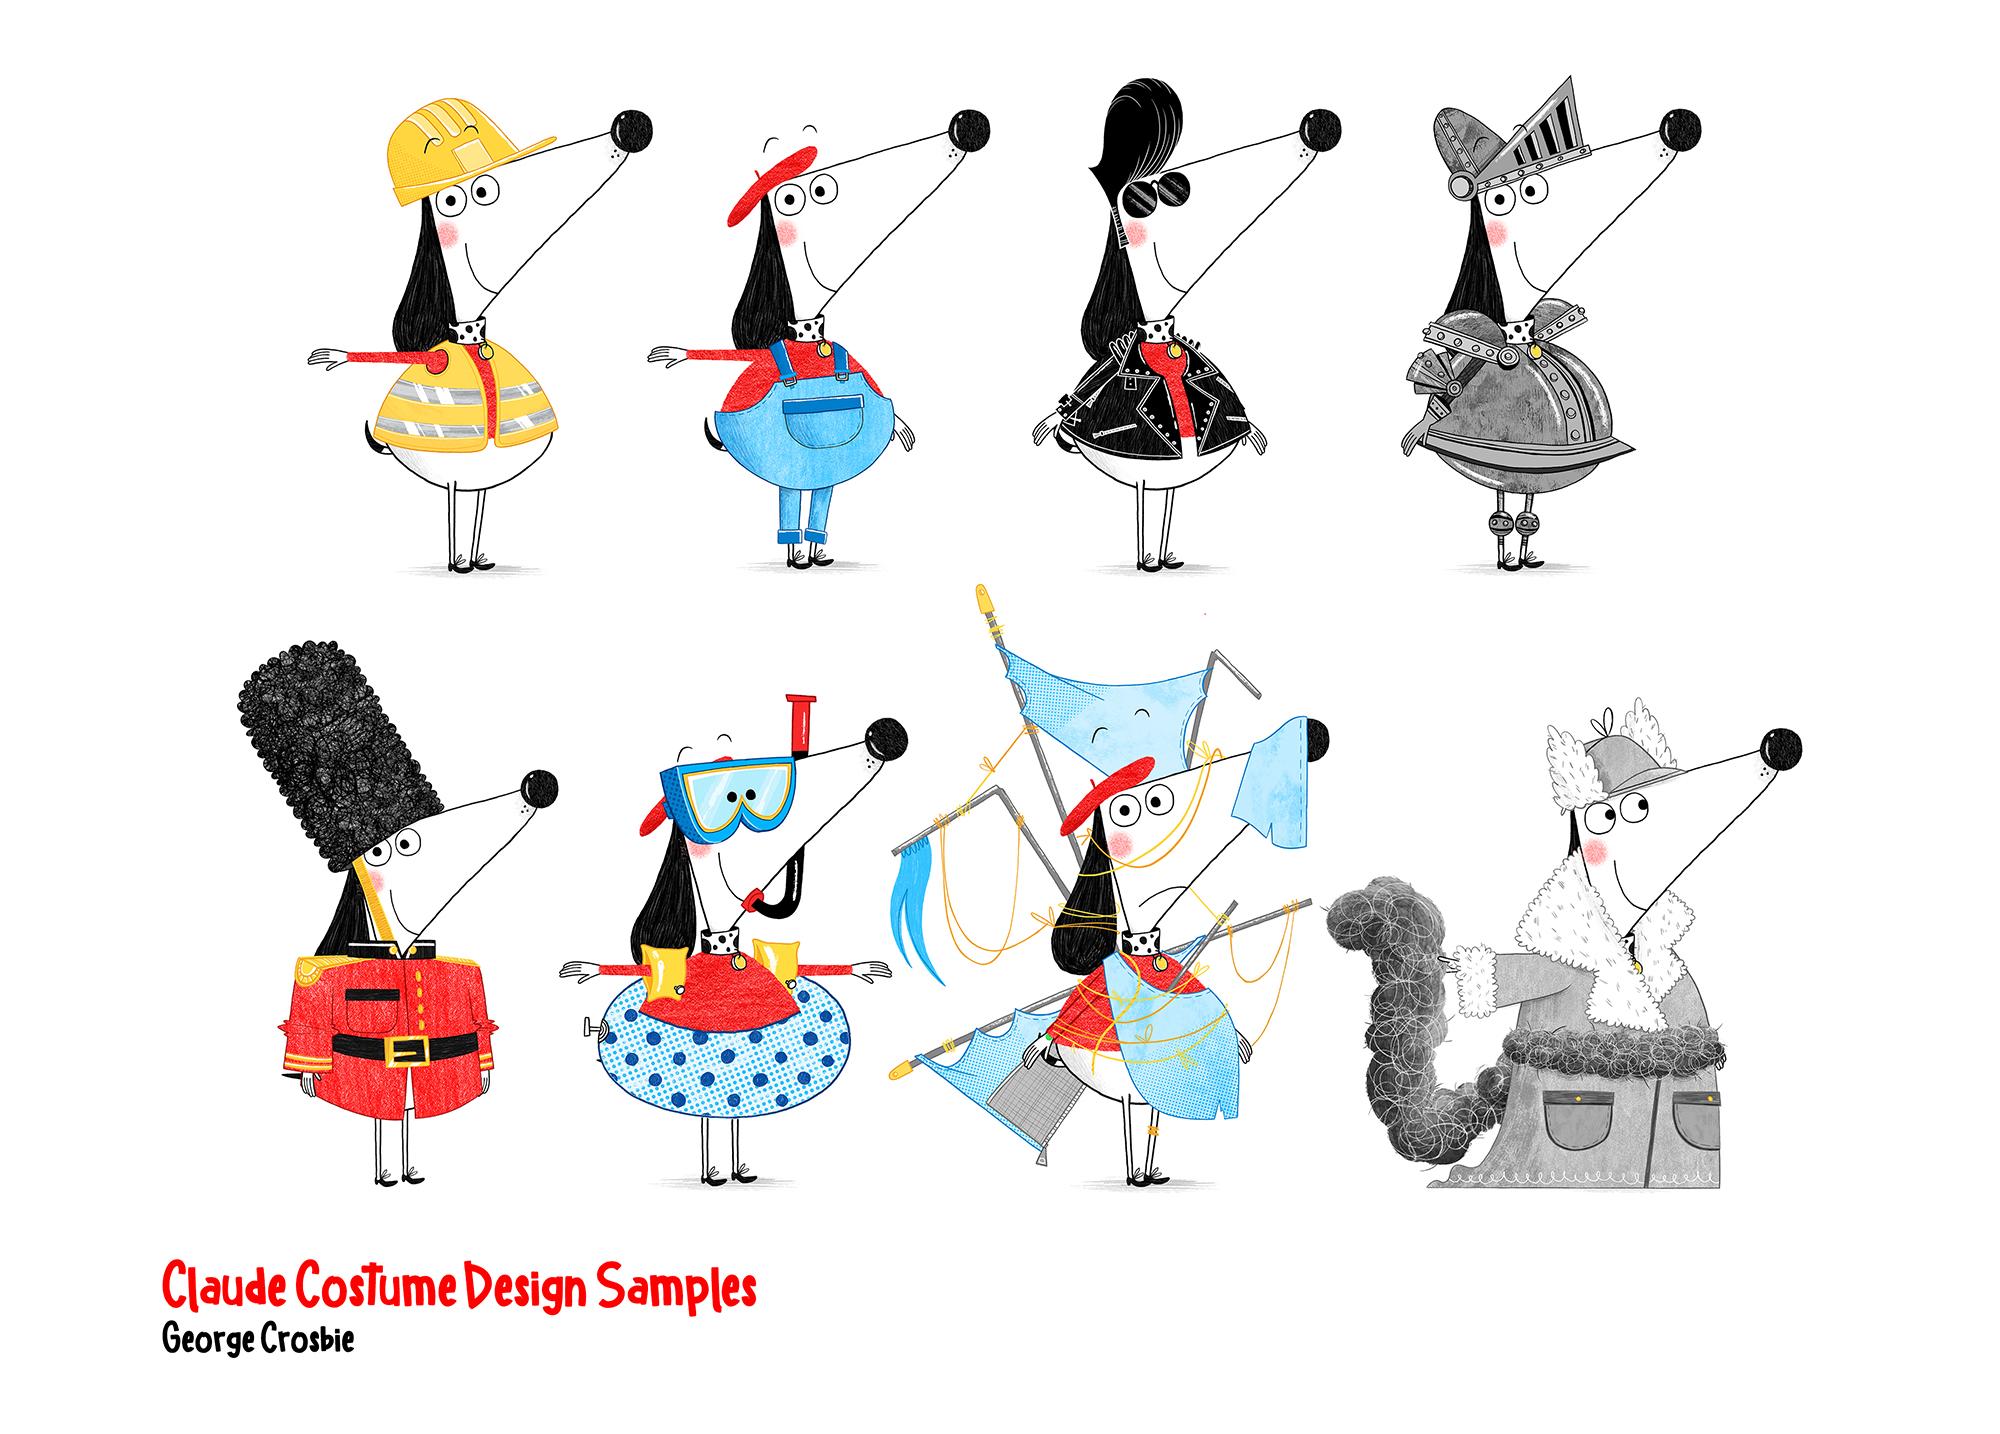 Claude-Costumes-01.jpg